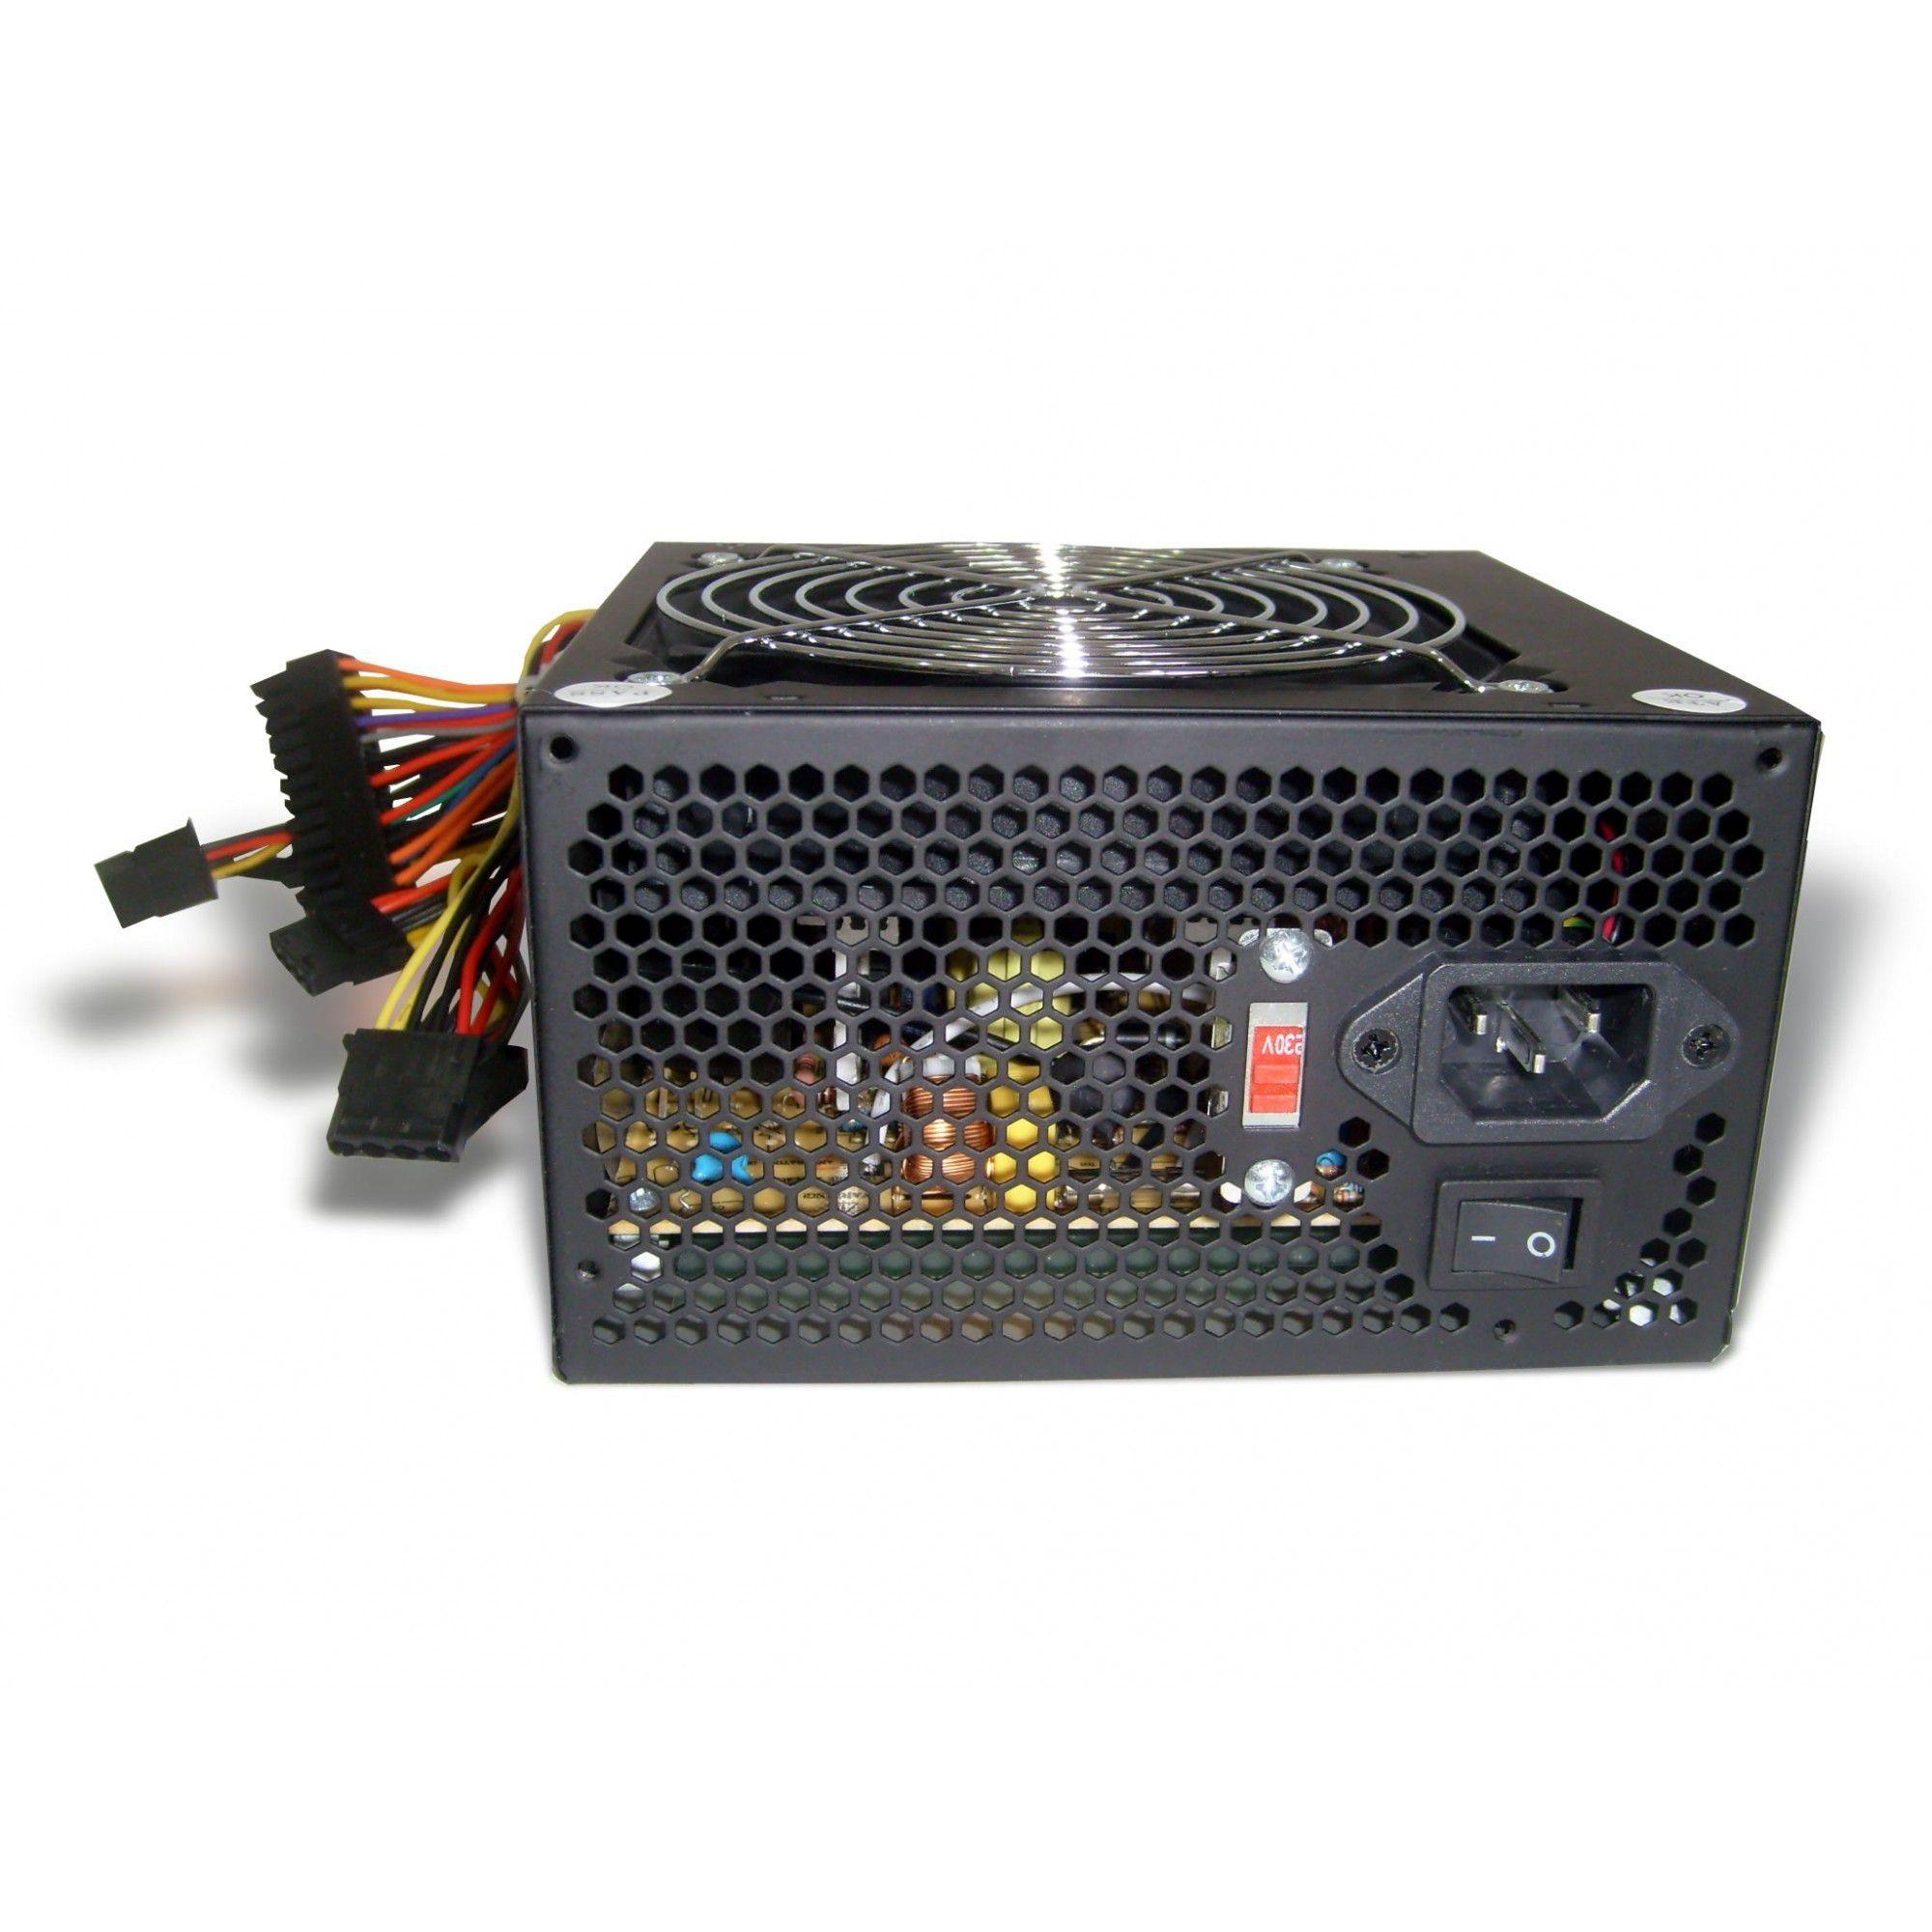 Fonte ATX 500W Real PFC Ativo 24 Pinos Bivolt TDA ATX500WP4